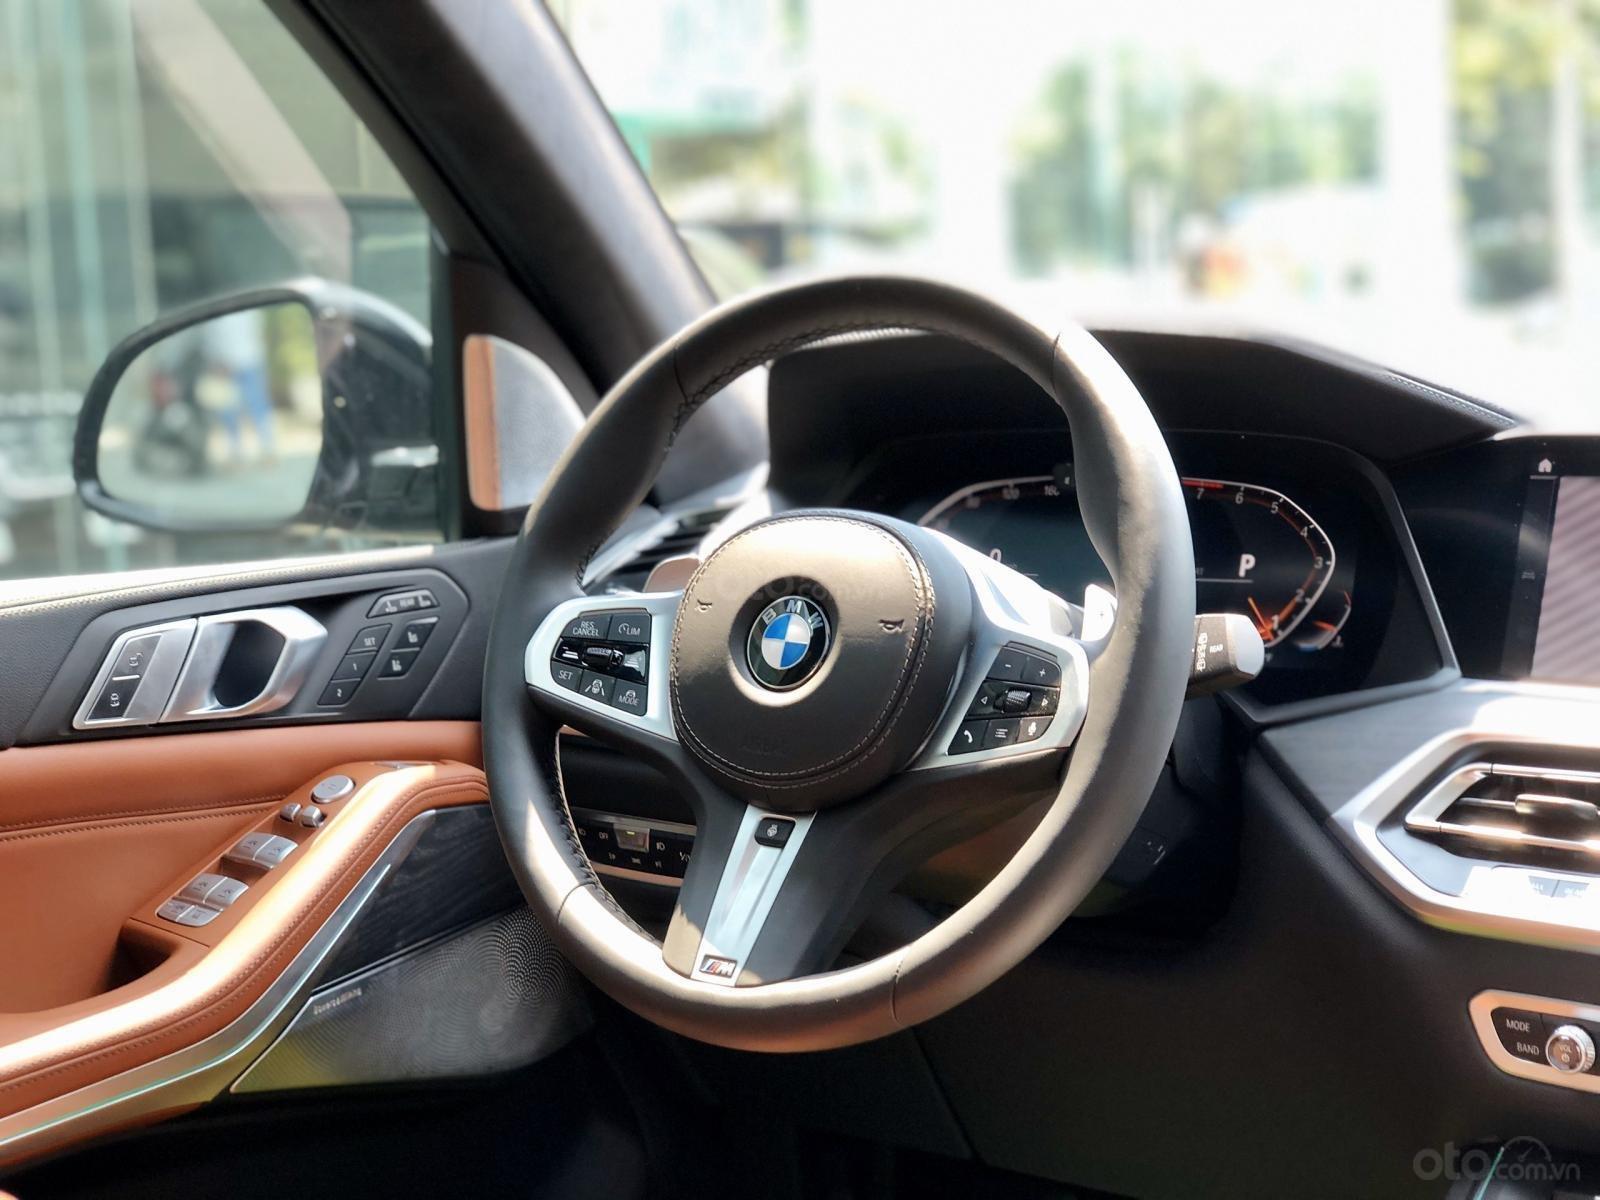 Bán BMW X7 xDrive40i sản xuất 2019, nhập khẩu Mỹ, bản full option 6 ghế, LH em Huân 0981.0101.61 (18)